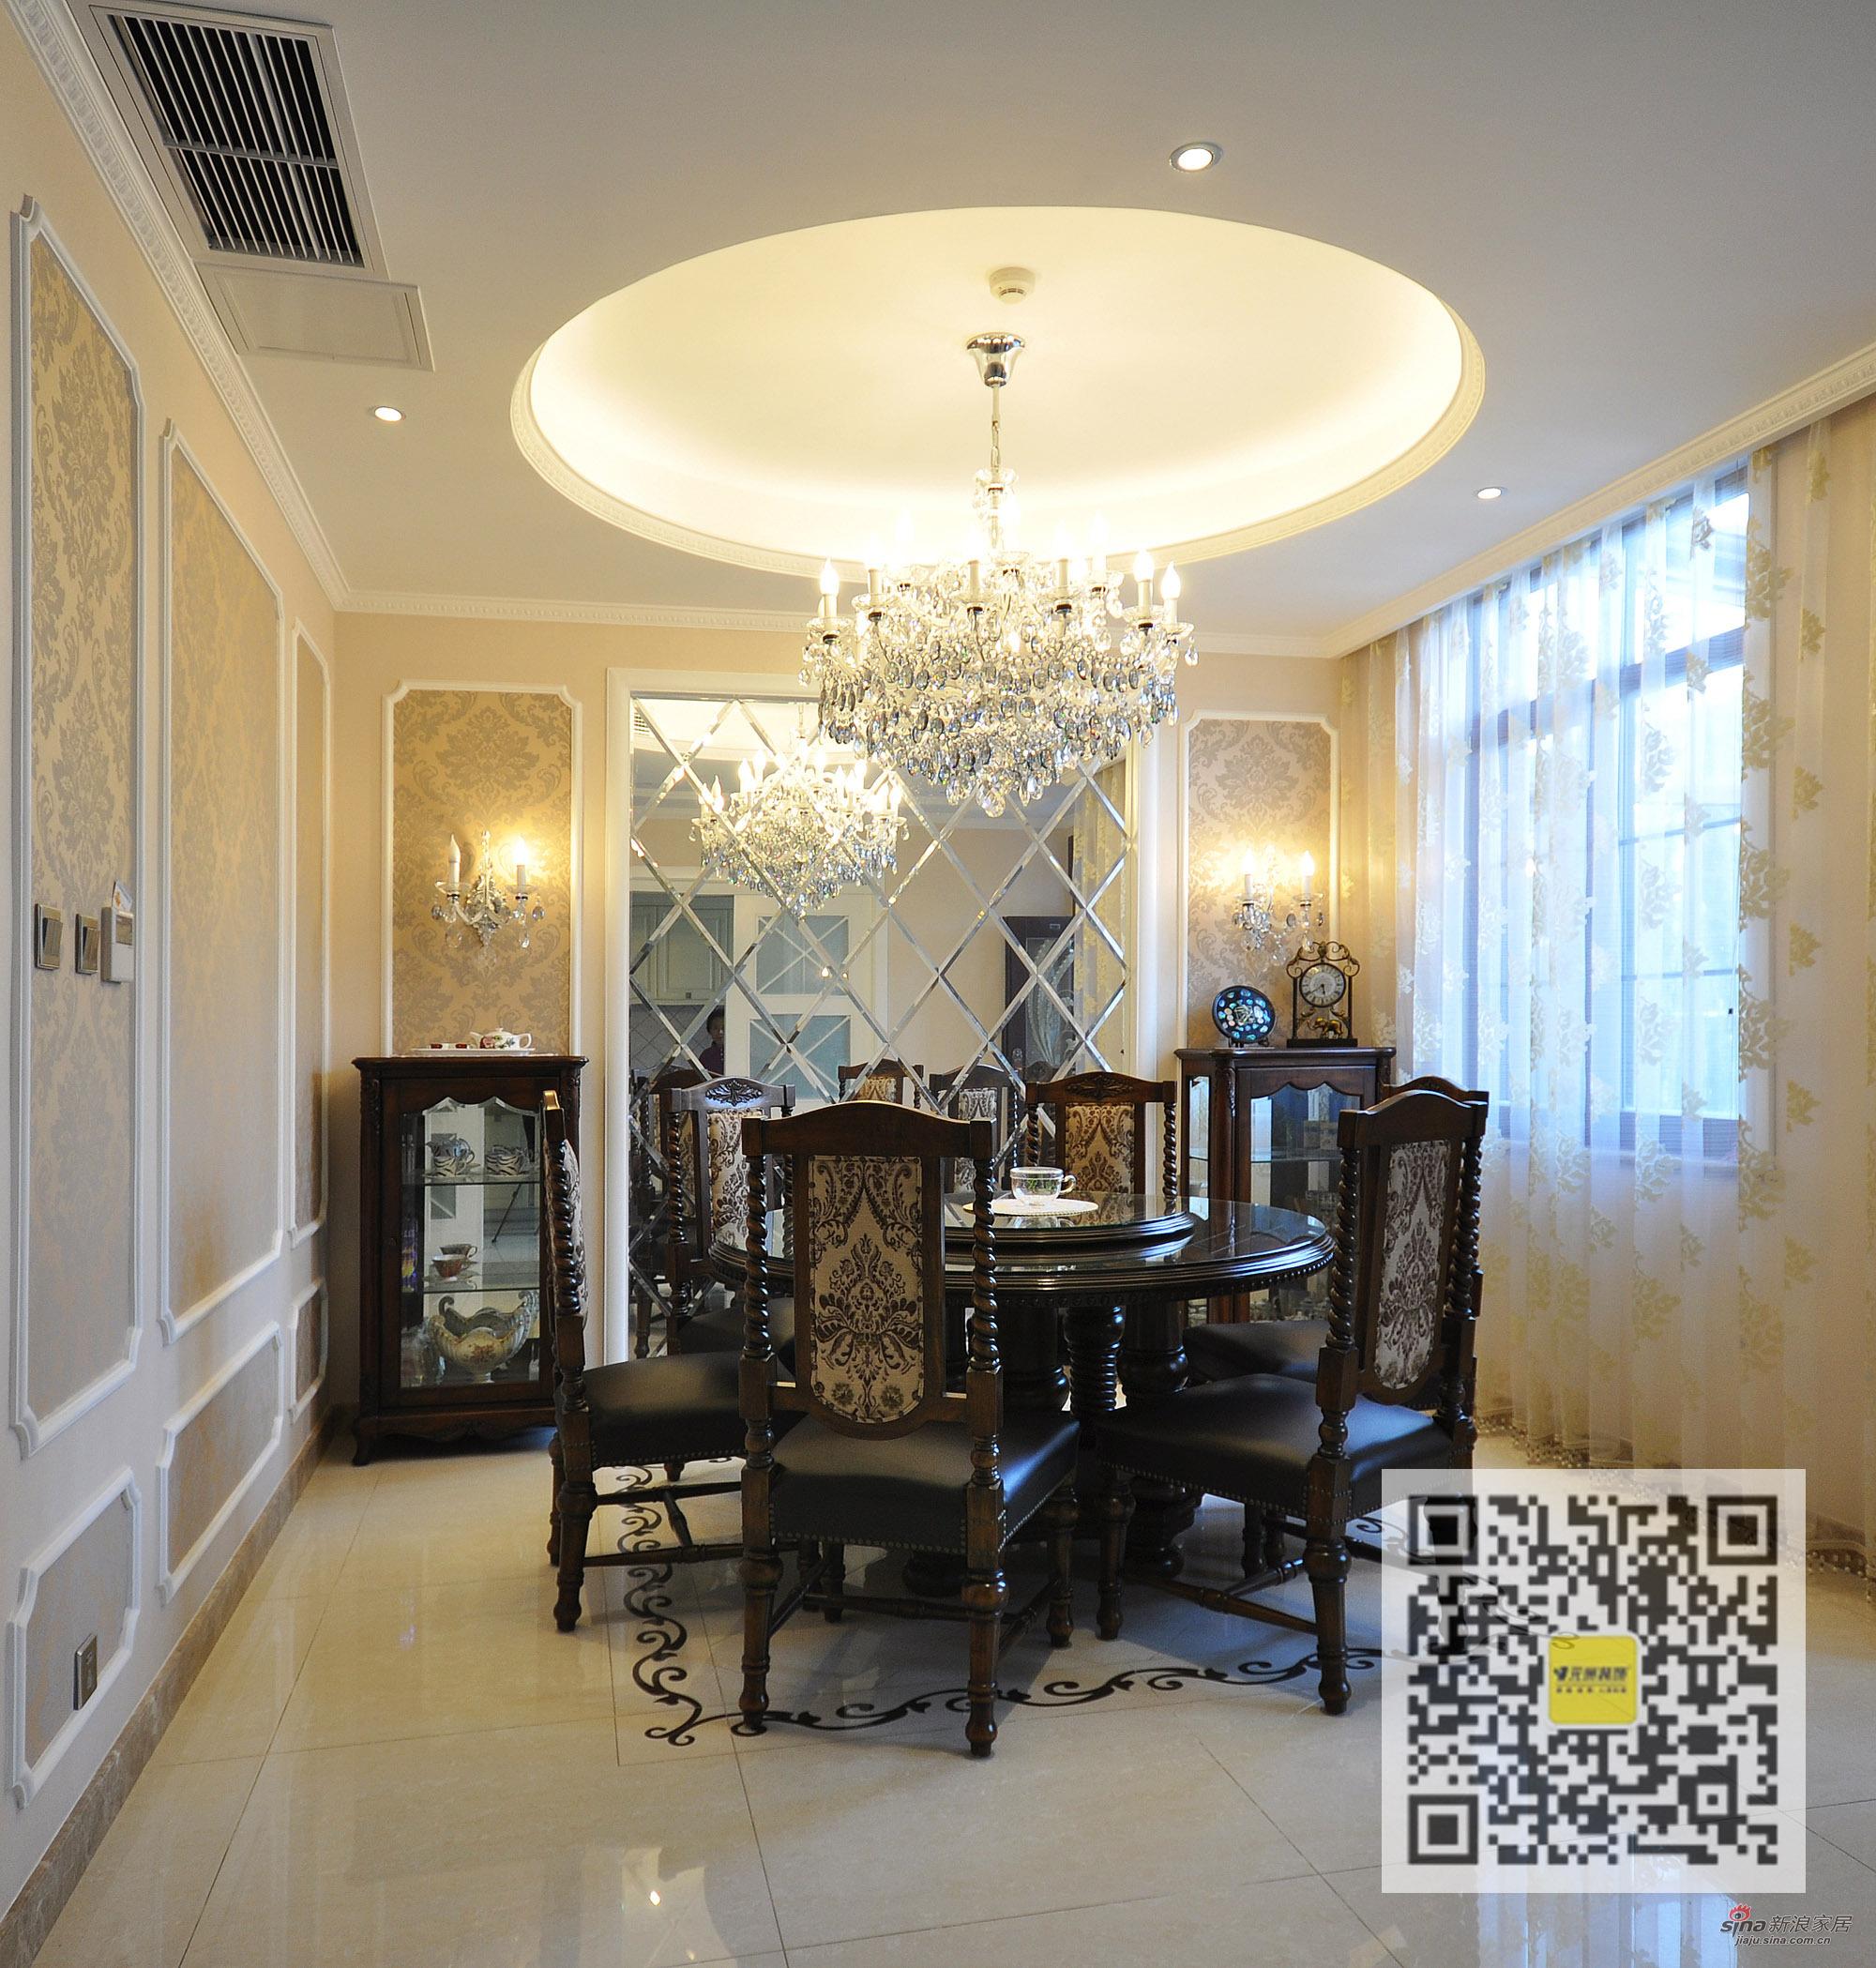 欧式 别墅 餐厅图片来自用户2746948411在燕西台欧式新古典别墅装修设计31的分享